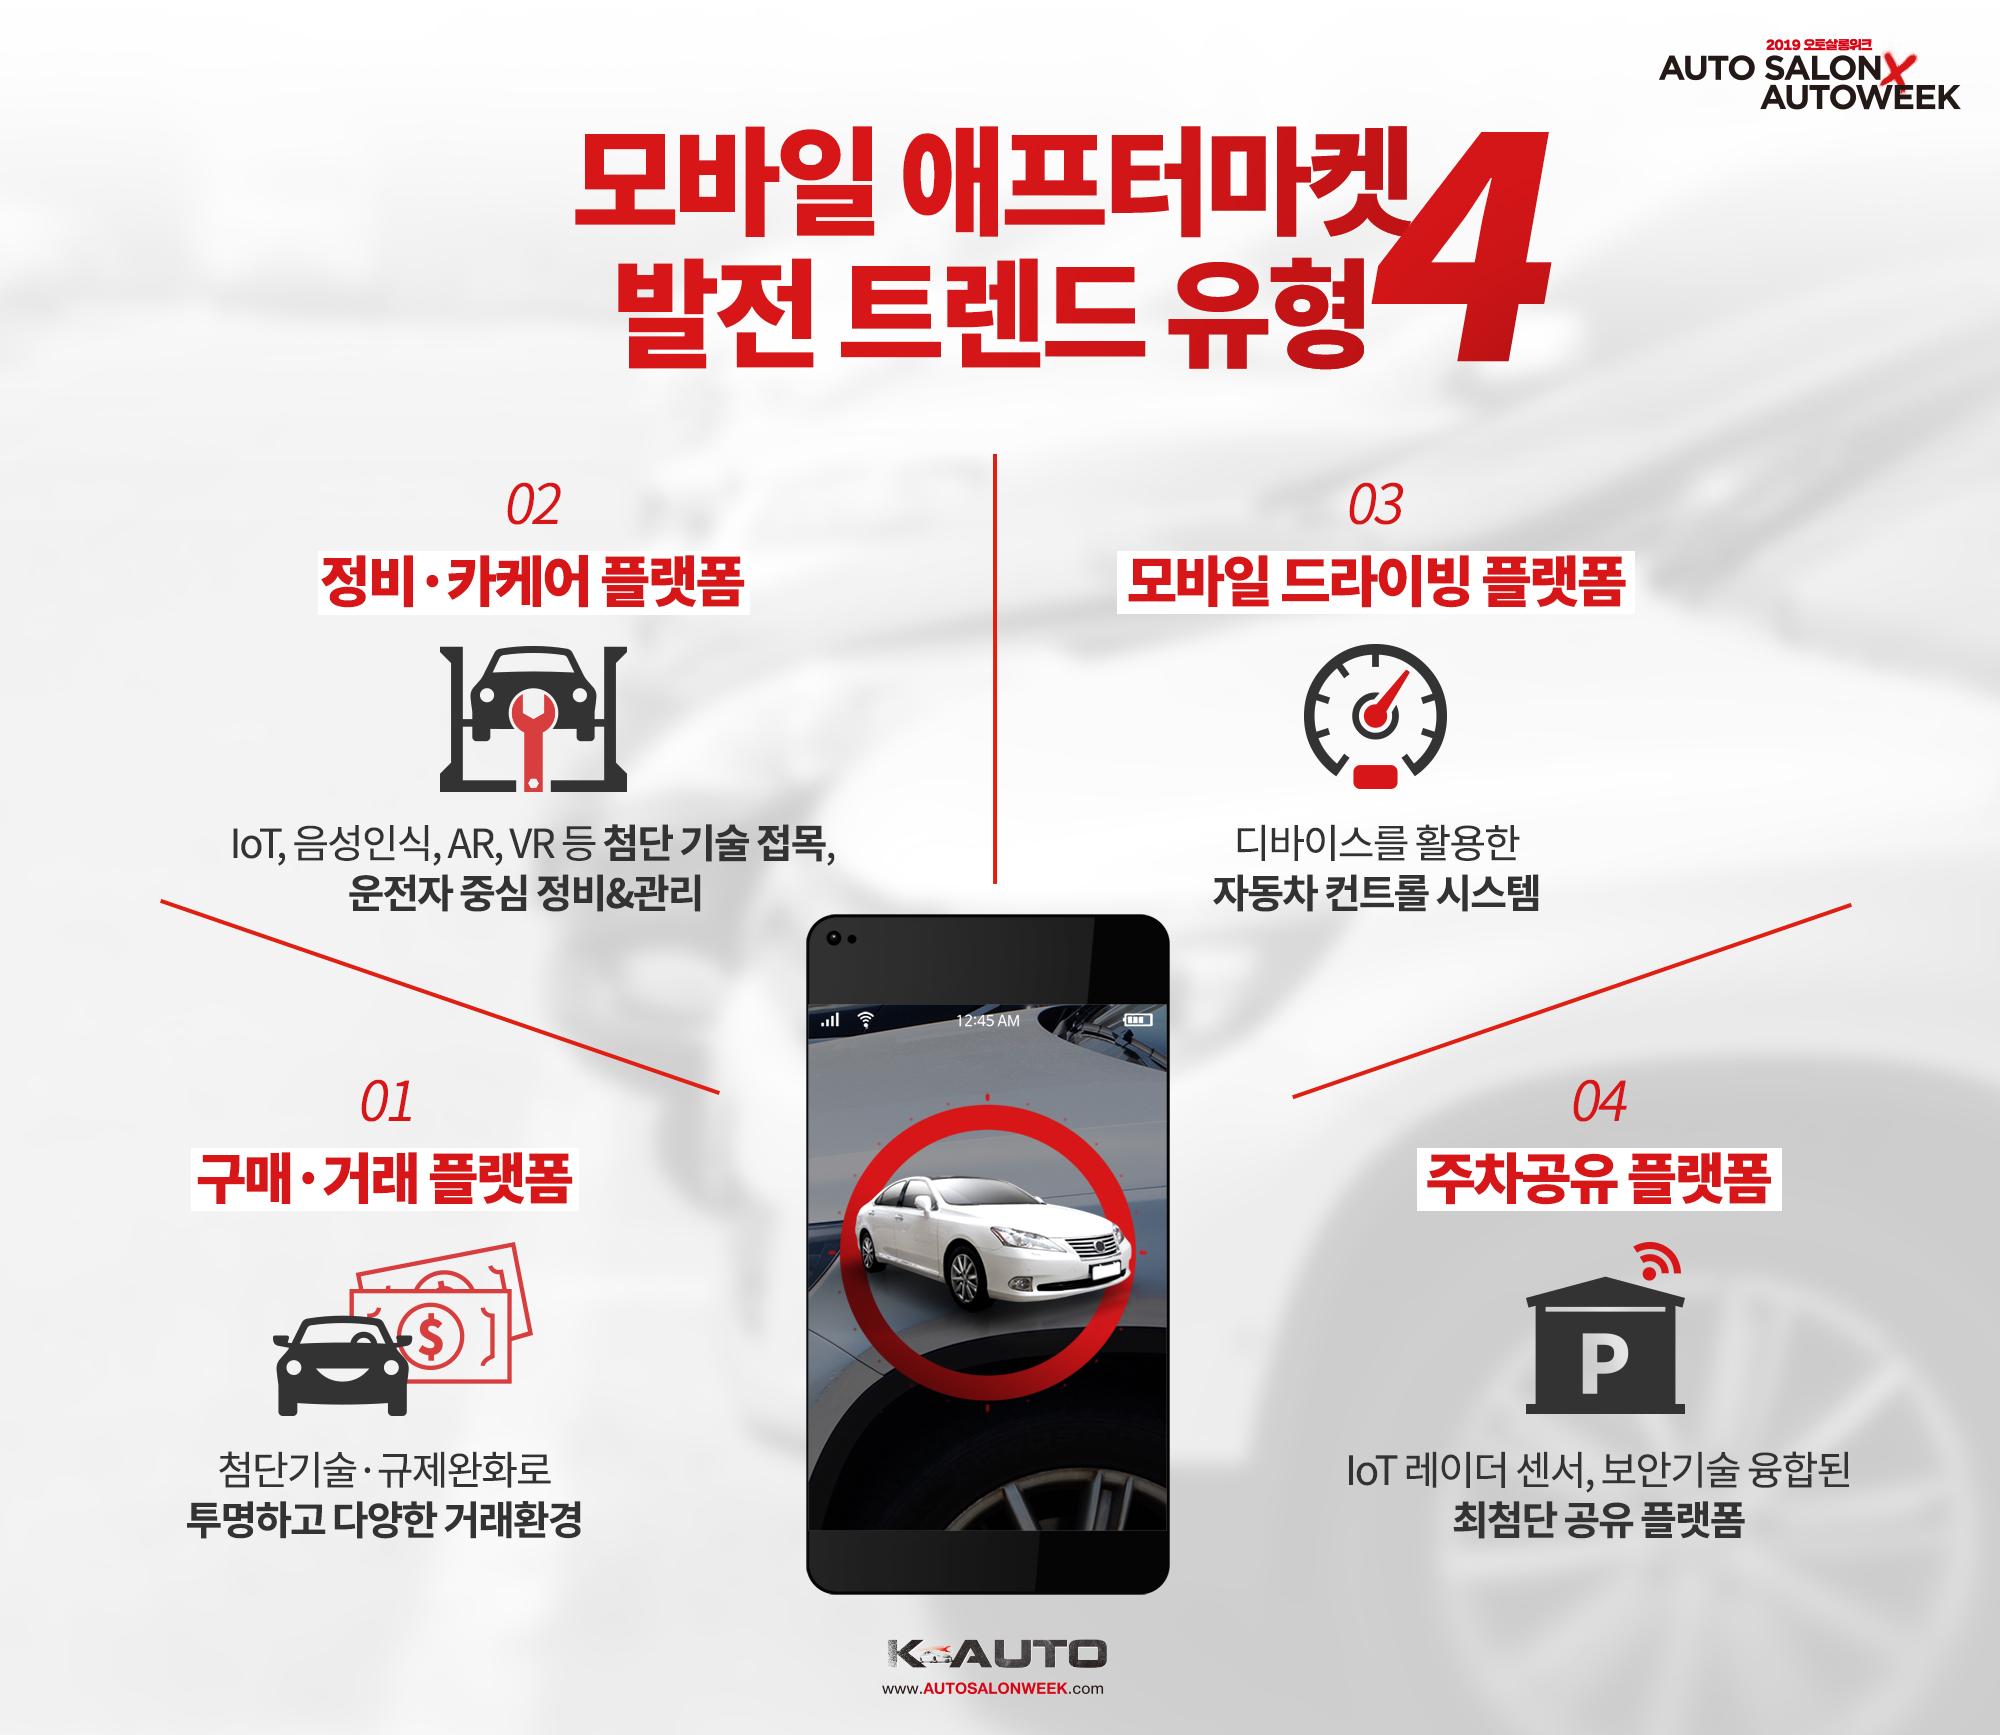 모바일 플랫폼 · 자동차 애프터마켓 결합, 디지털 애프터마켓 시장 확대 기대.jpg